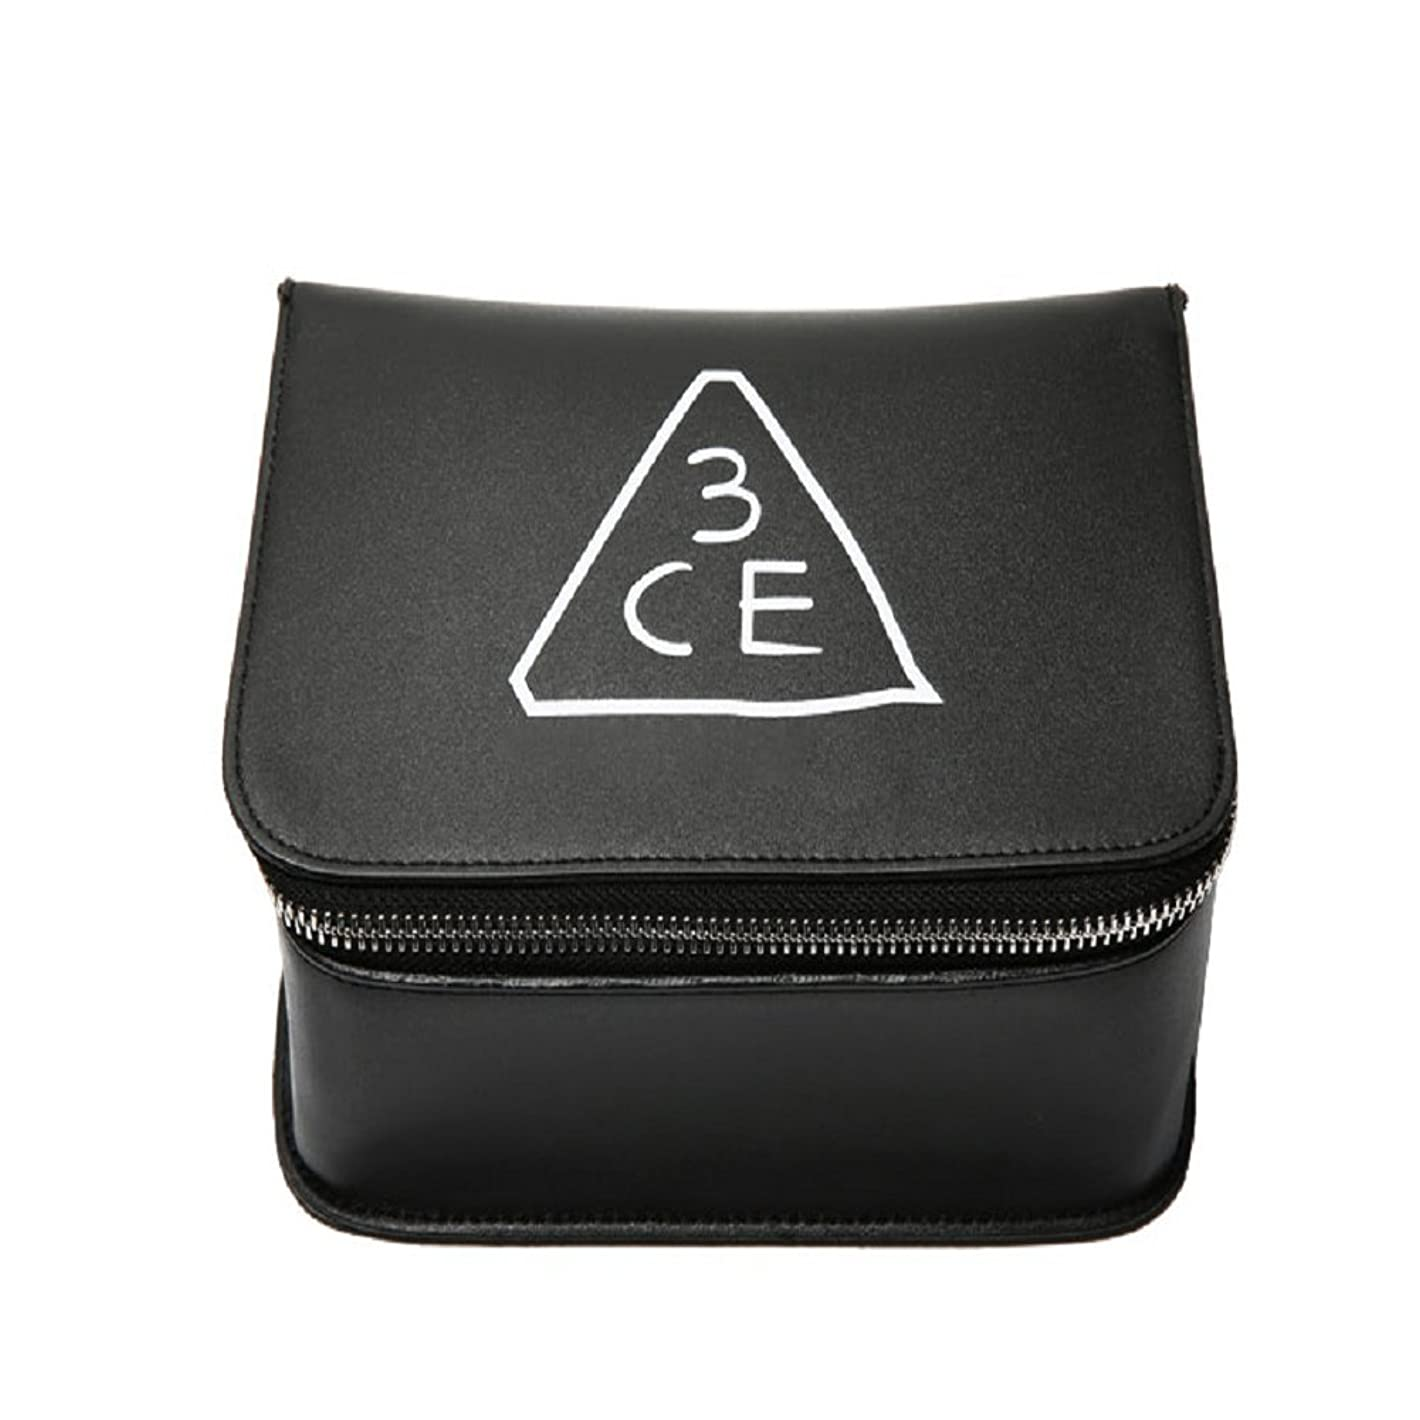 ショルダー紫の注入3CE(3 CONCEPT EYES) COSMETIC BOX POUCH 化粧品 BOXポーチ stylenanda 婦人向け 旅行 ビッグサイズ[韓国並行輸入品]